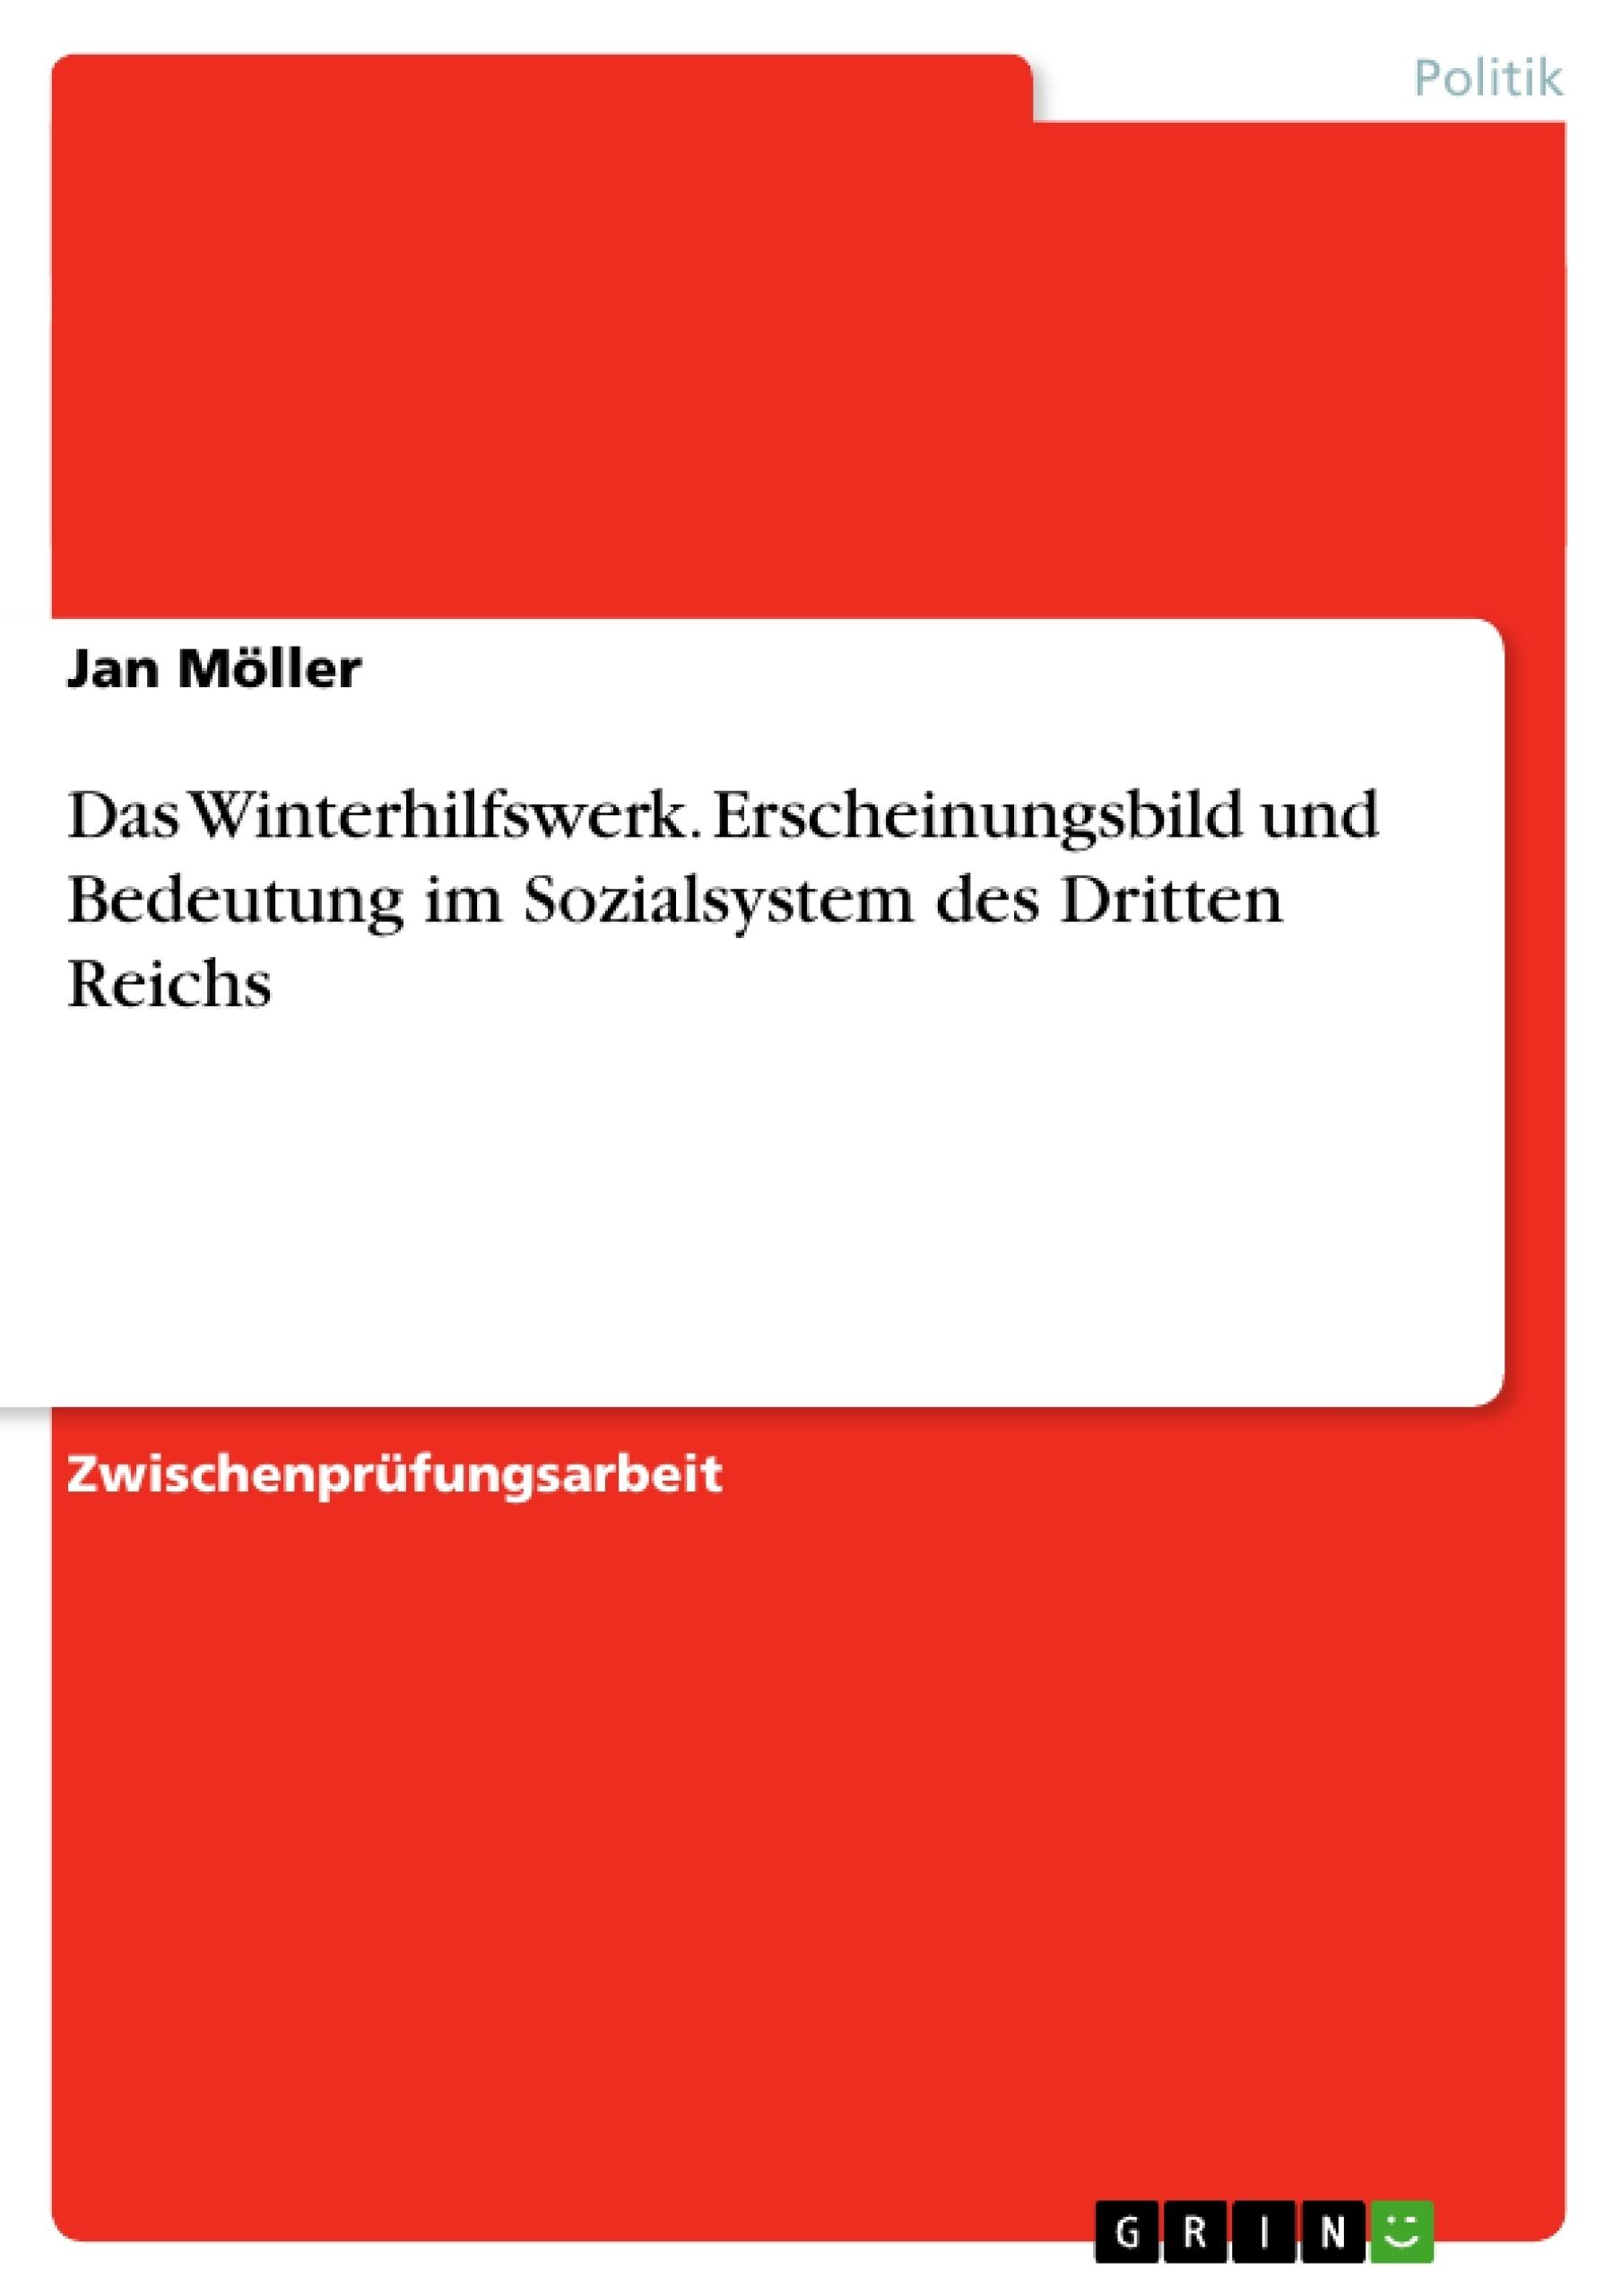 Titel: Das Winterhilfswerk. Erscheinungsbild und Bedeutung im Sozialsystem des Dritten Reichs